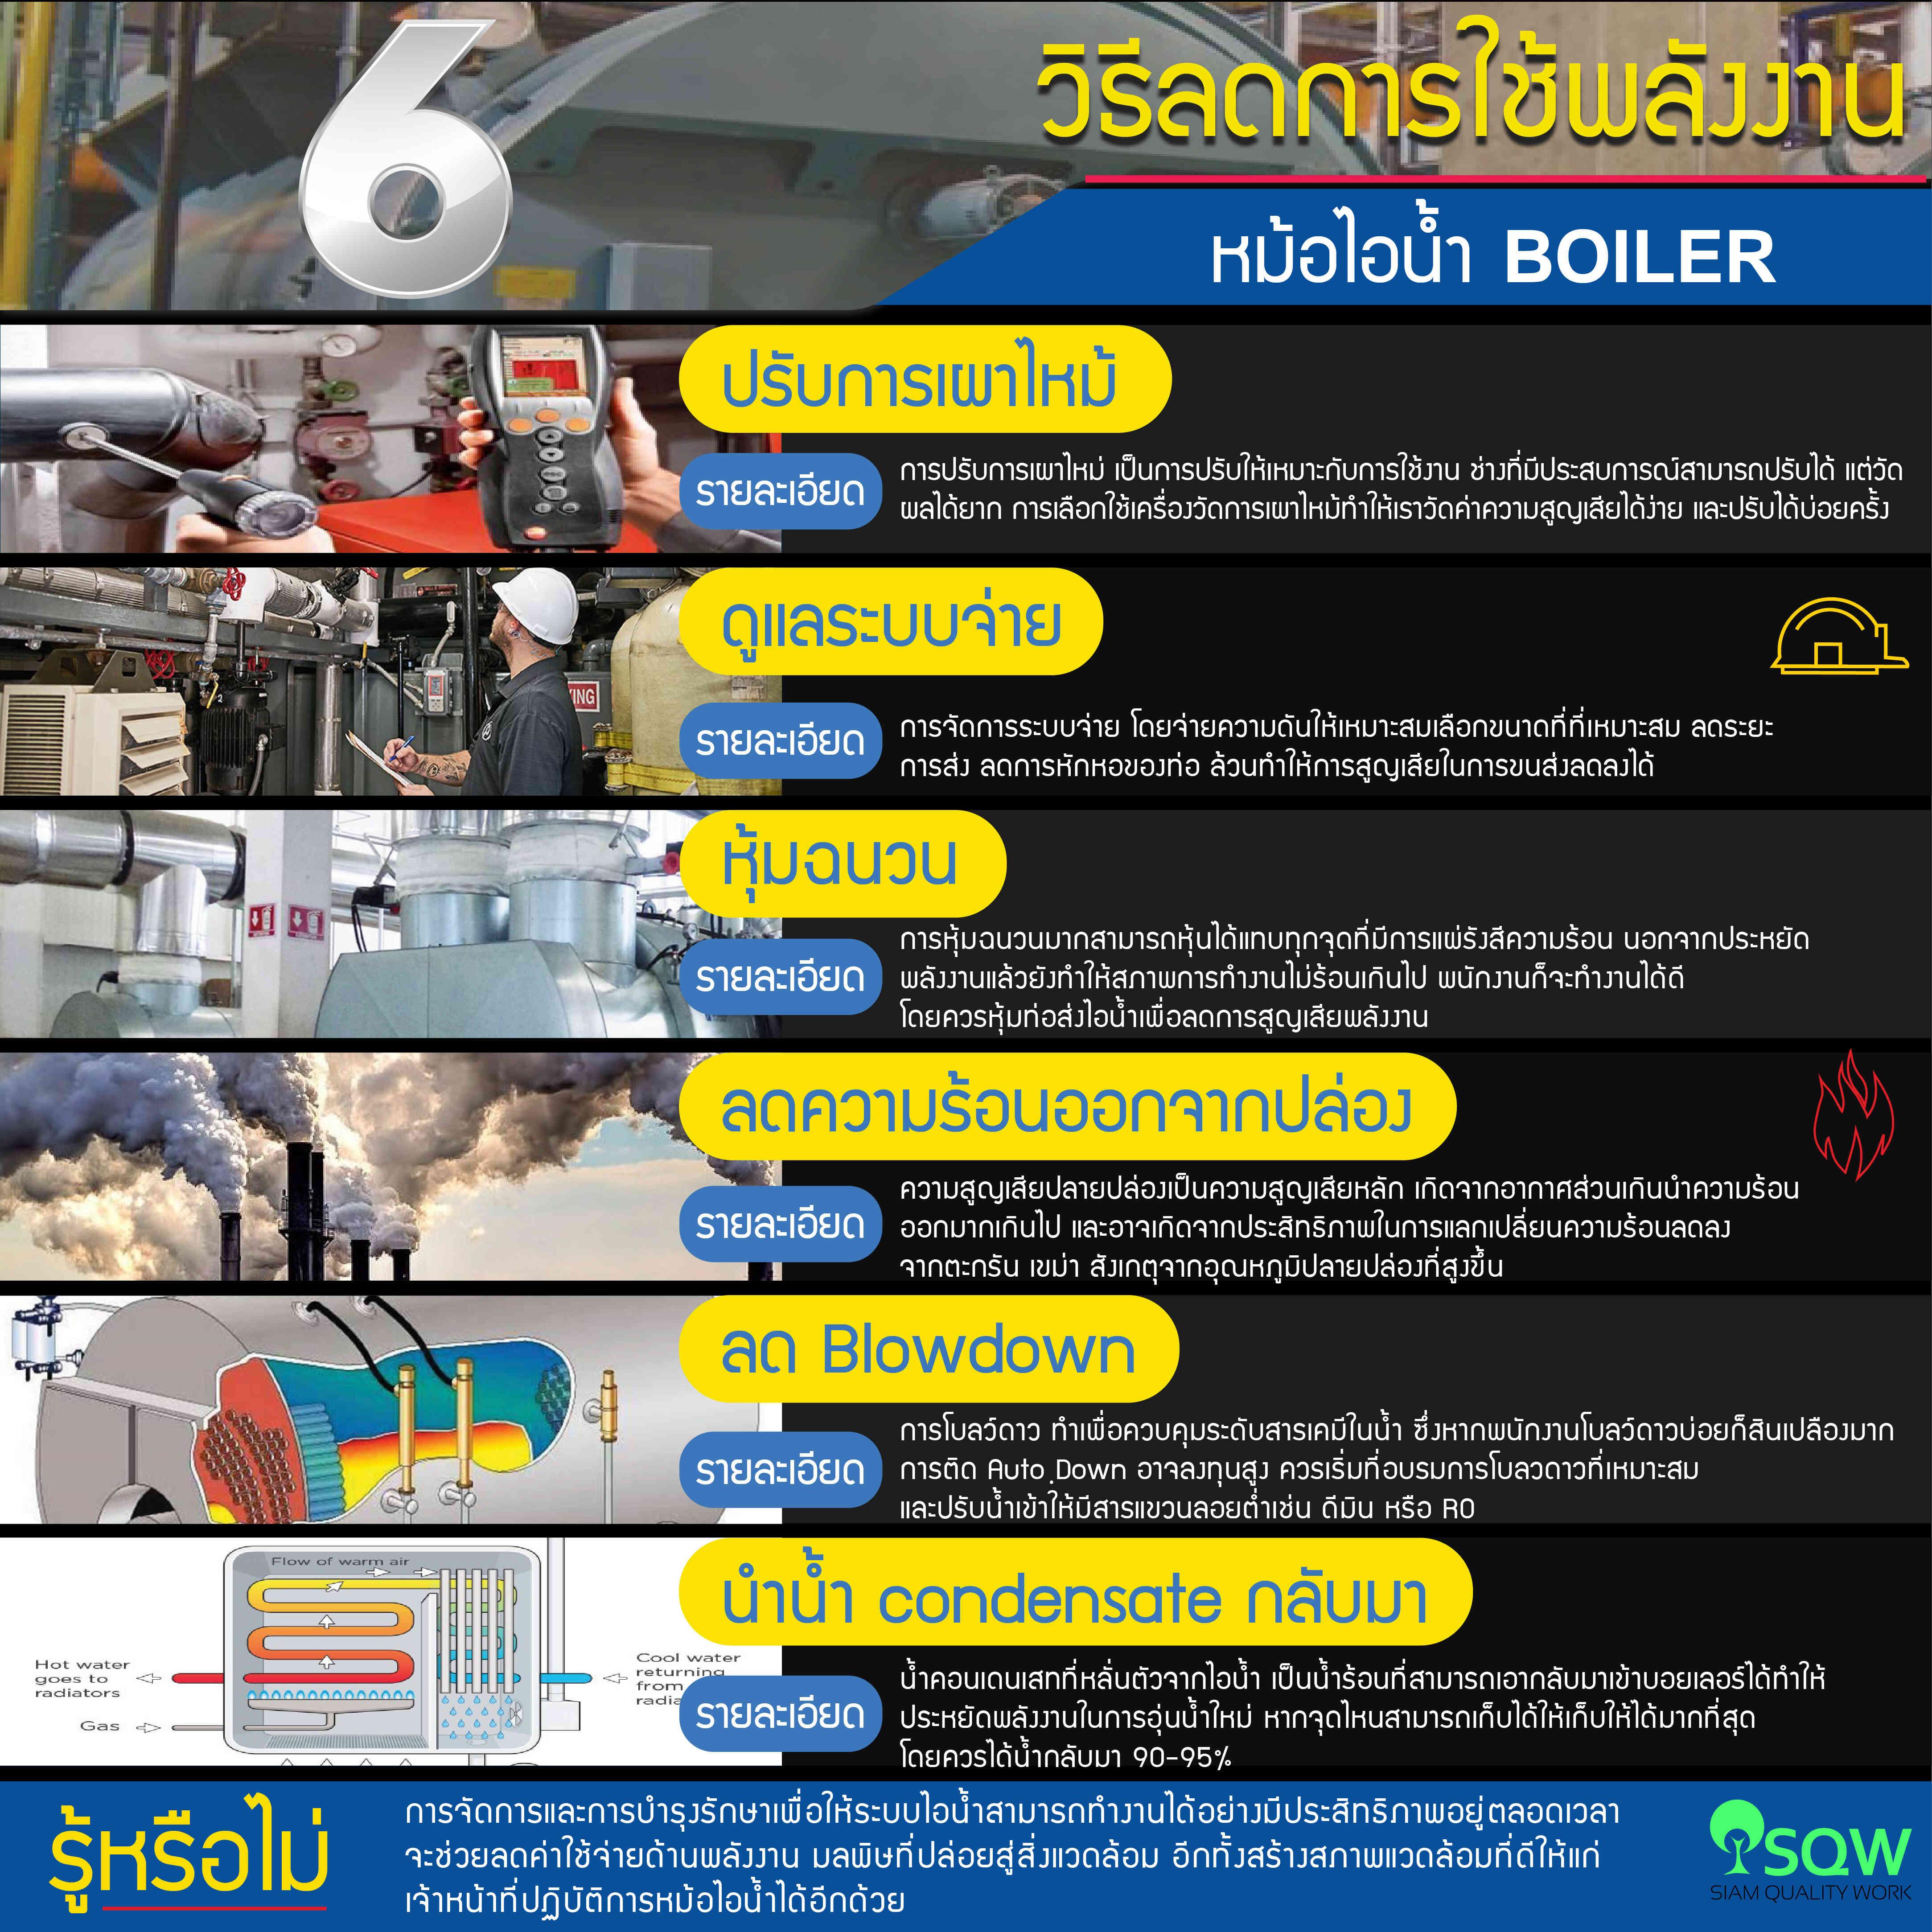 6 วิธีลดการใช้พลังงานหม้อน้ำ Boiler